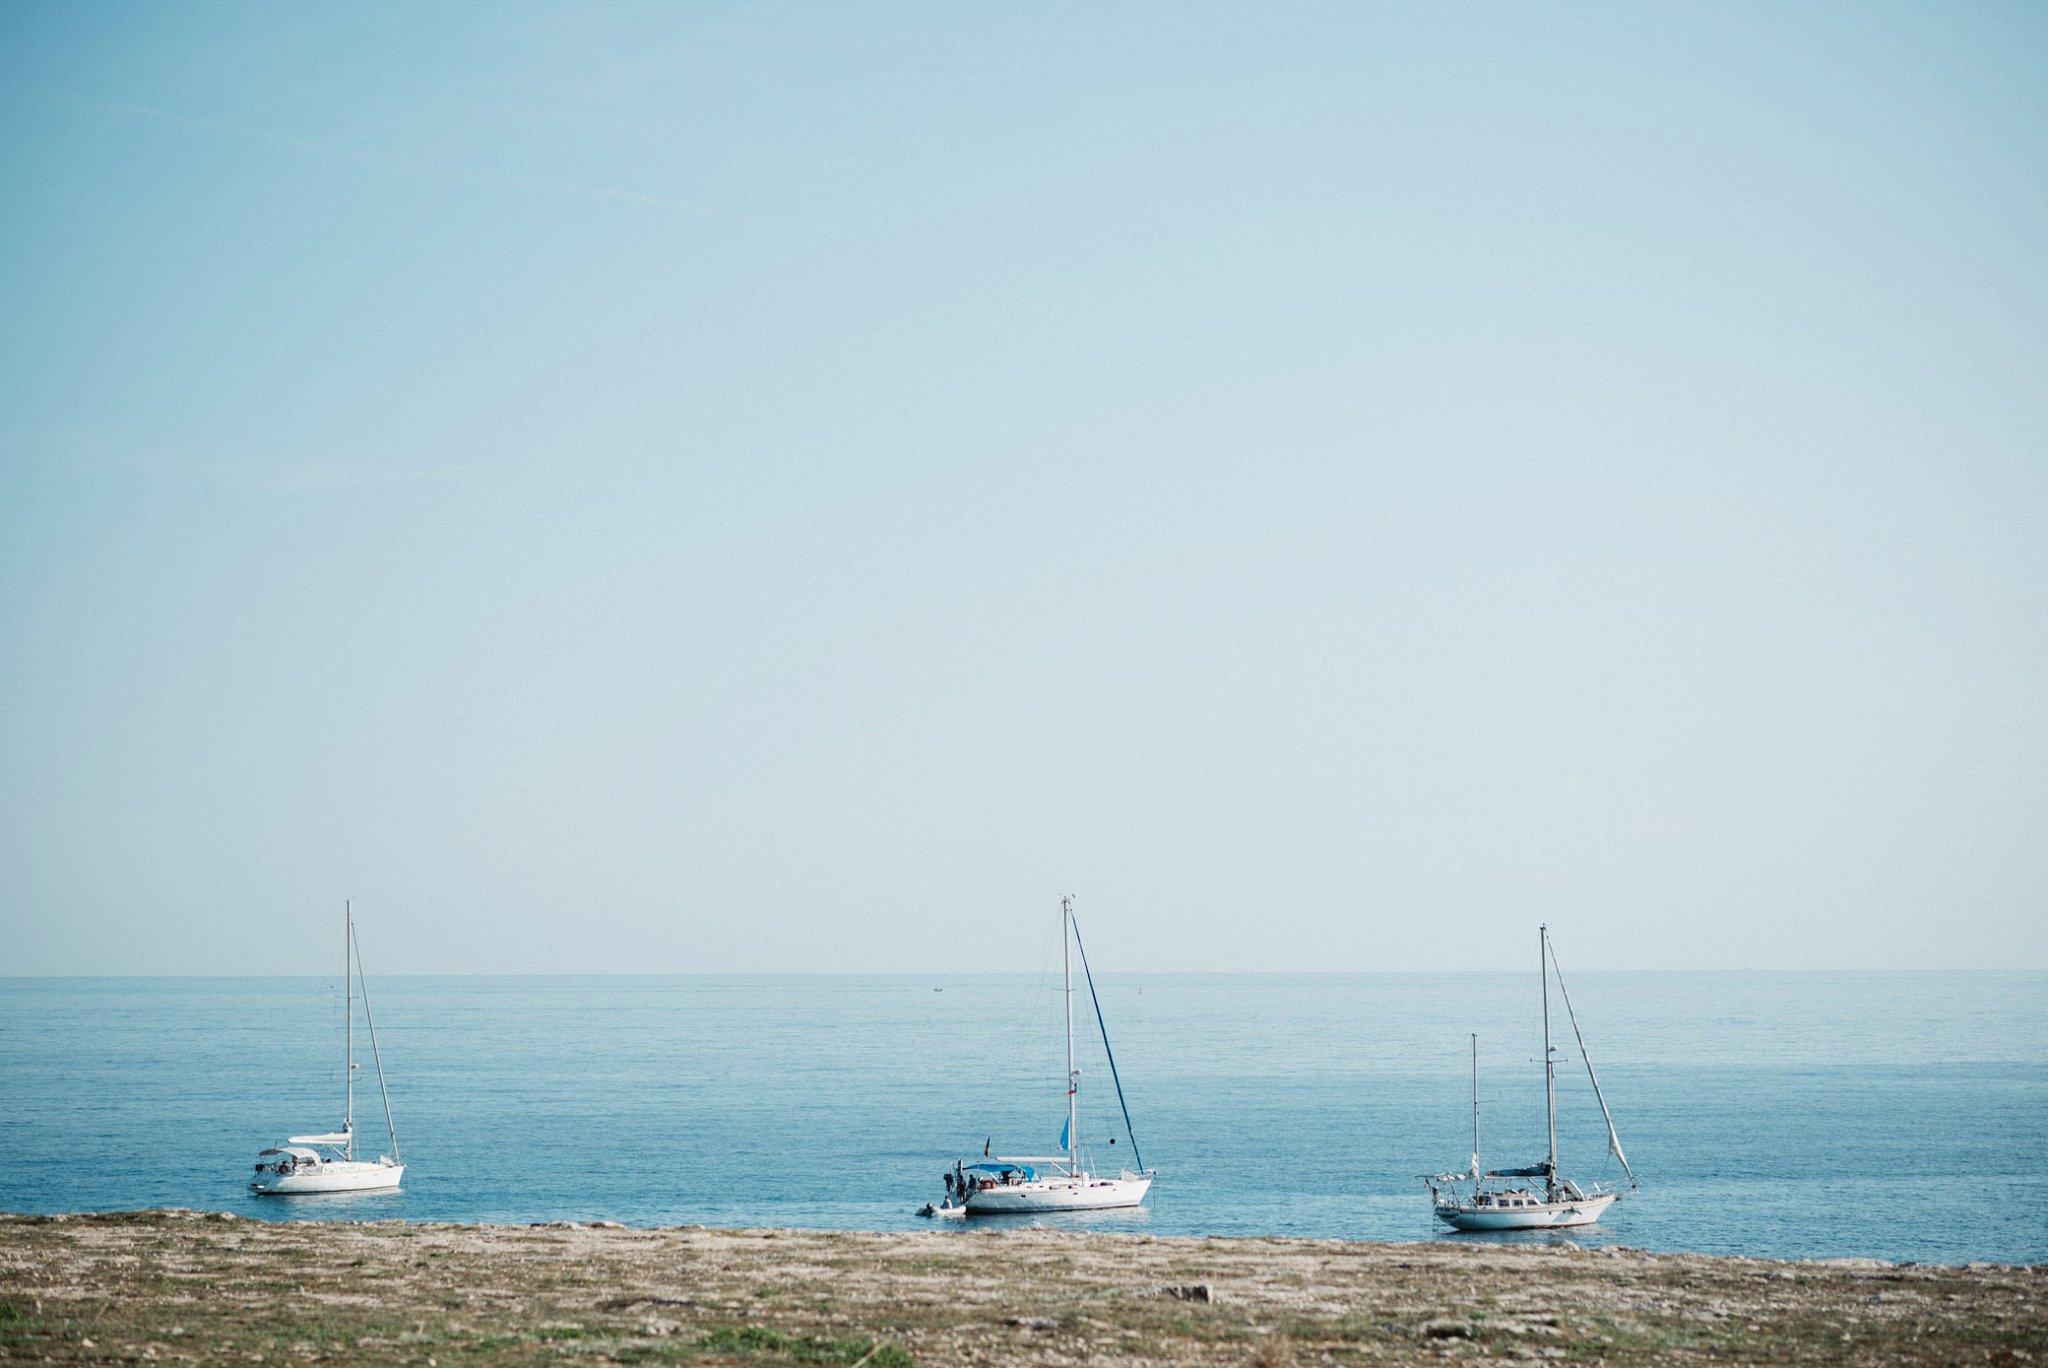 mariage-amis-provence-mediterranee-plage-convivial (5)